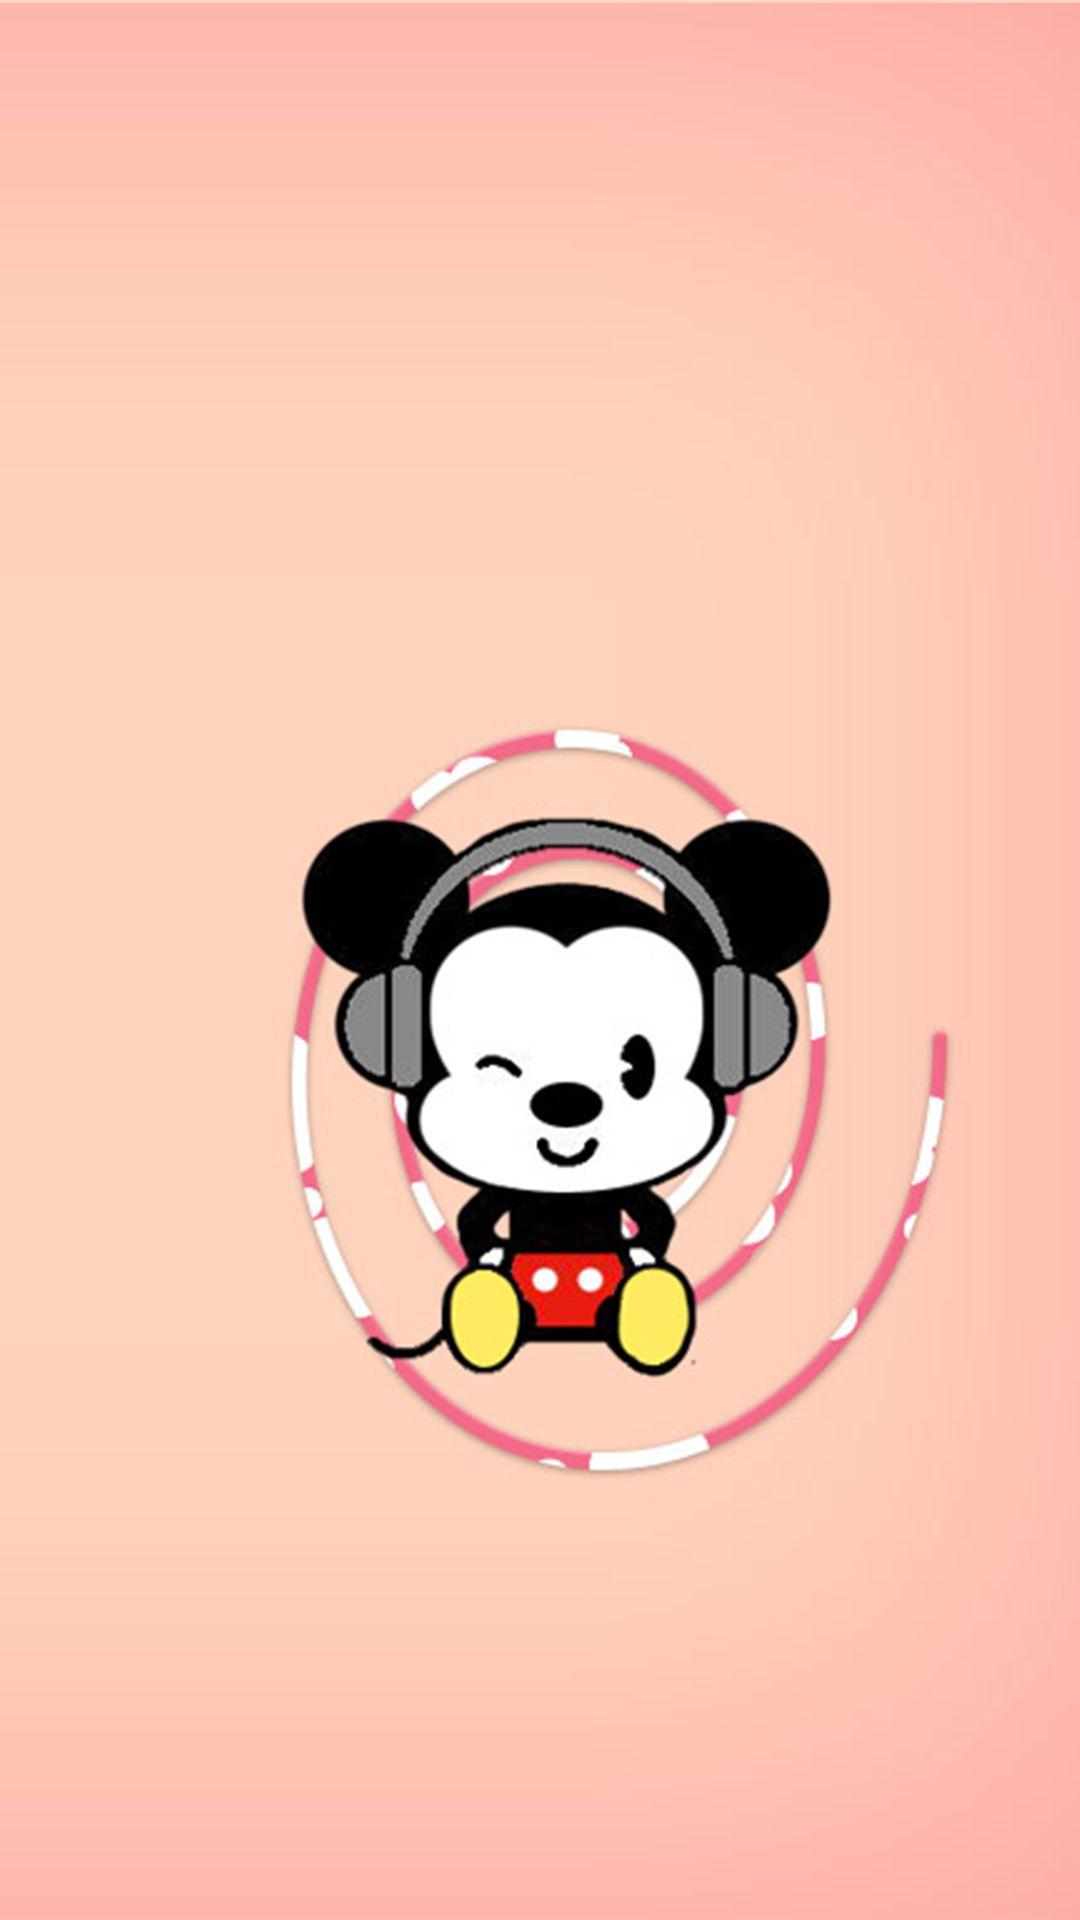 16 Mickey Mouse Supreme Wallpapers On Wallpapersafari